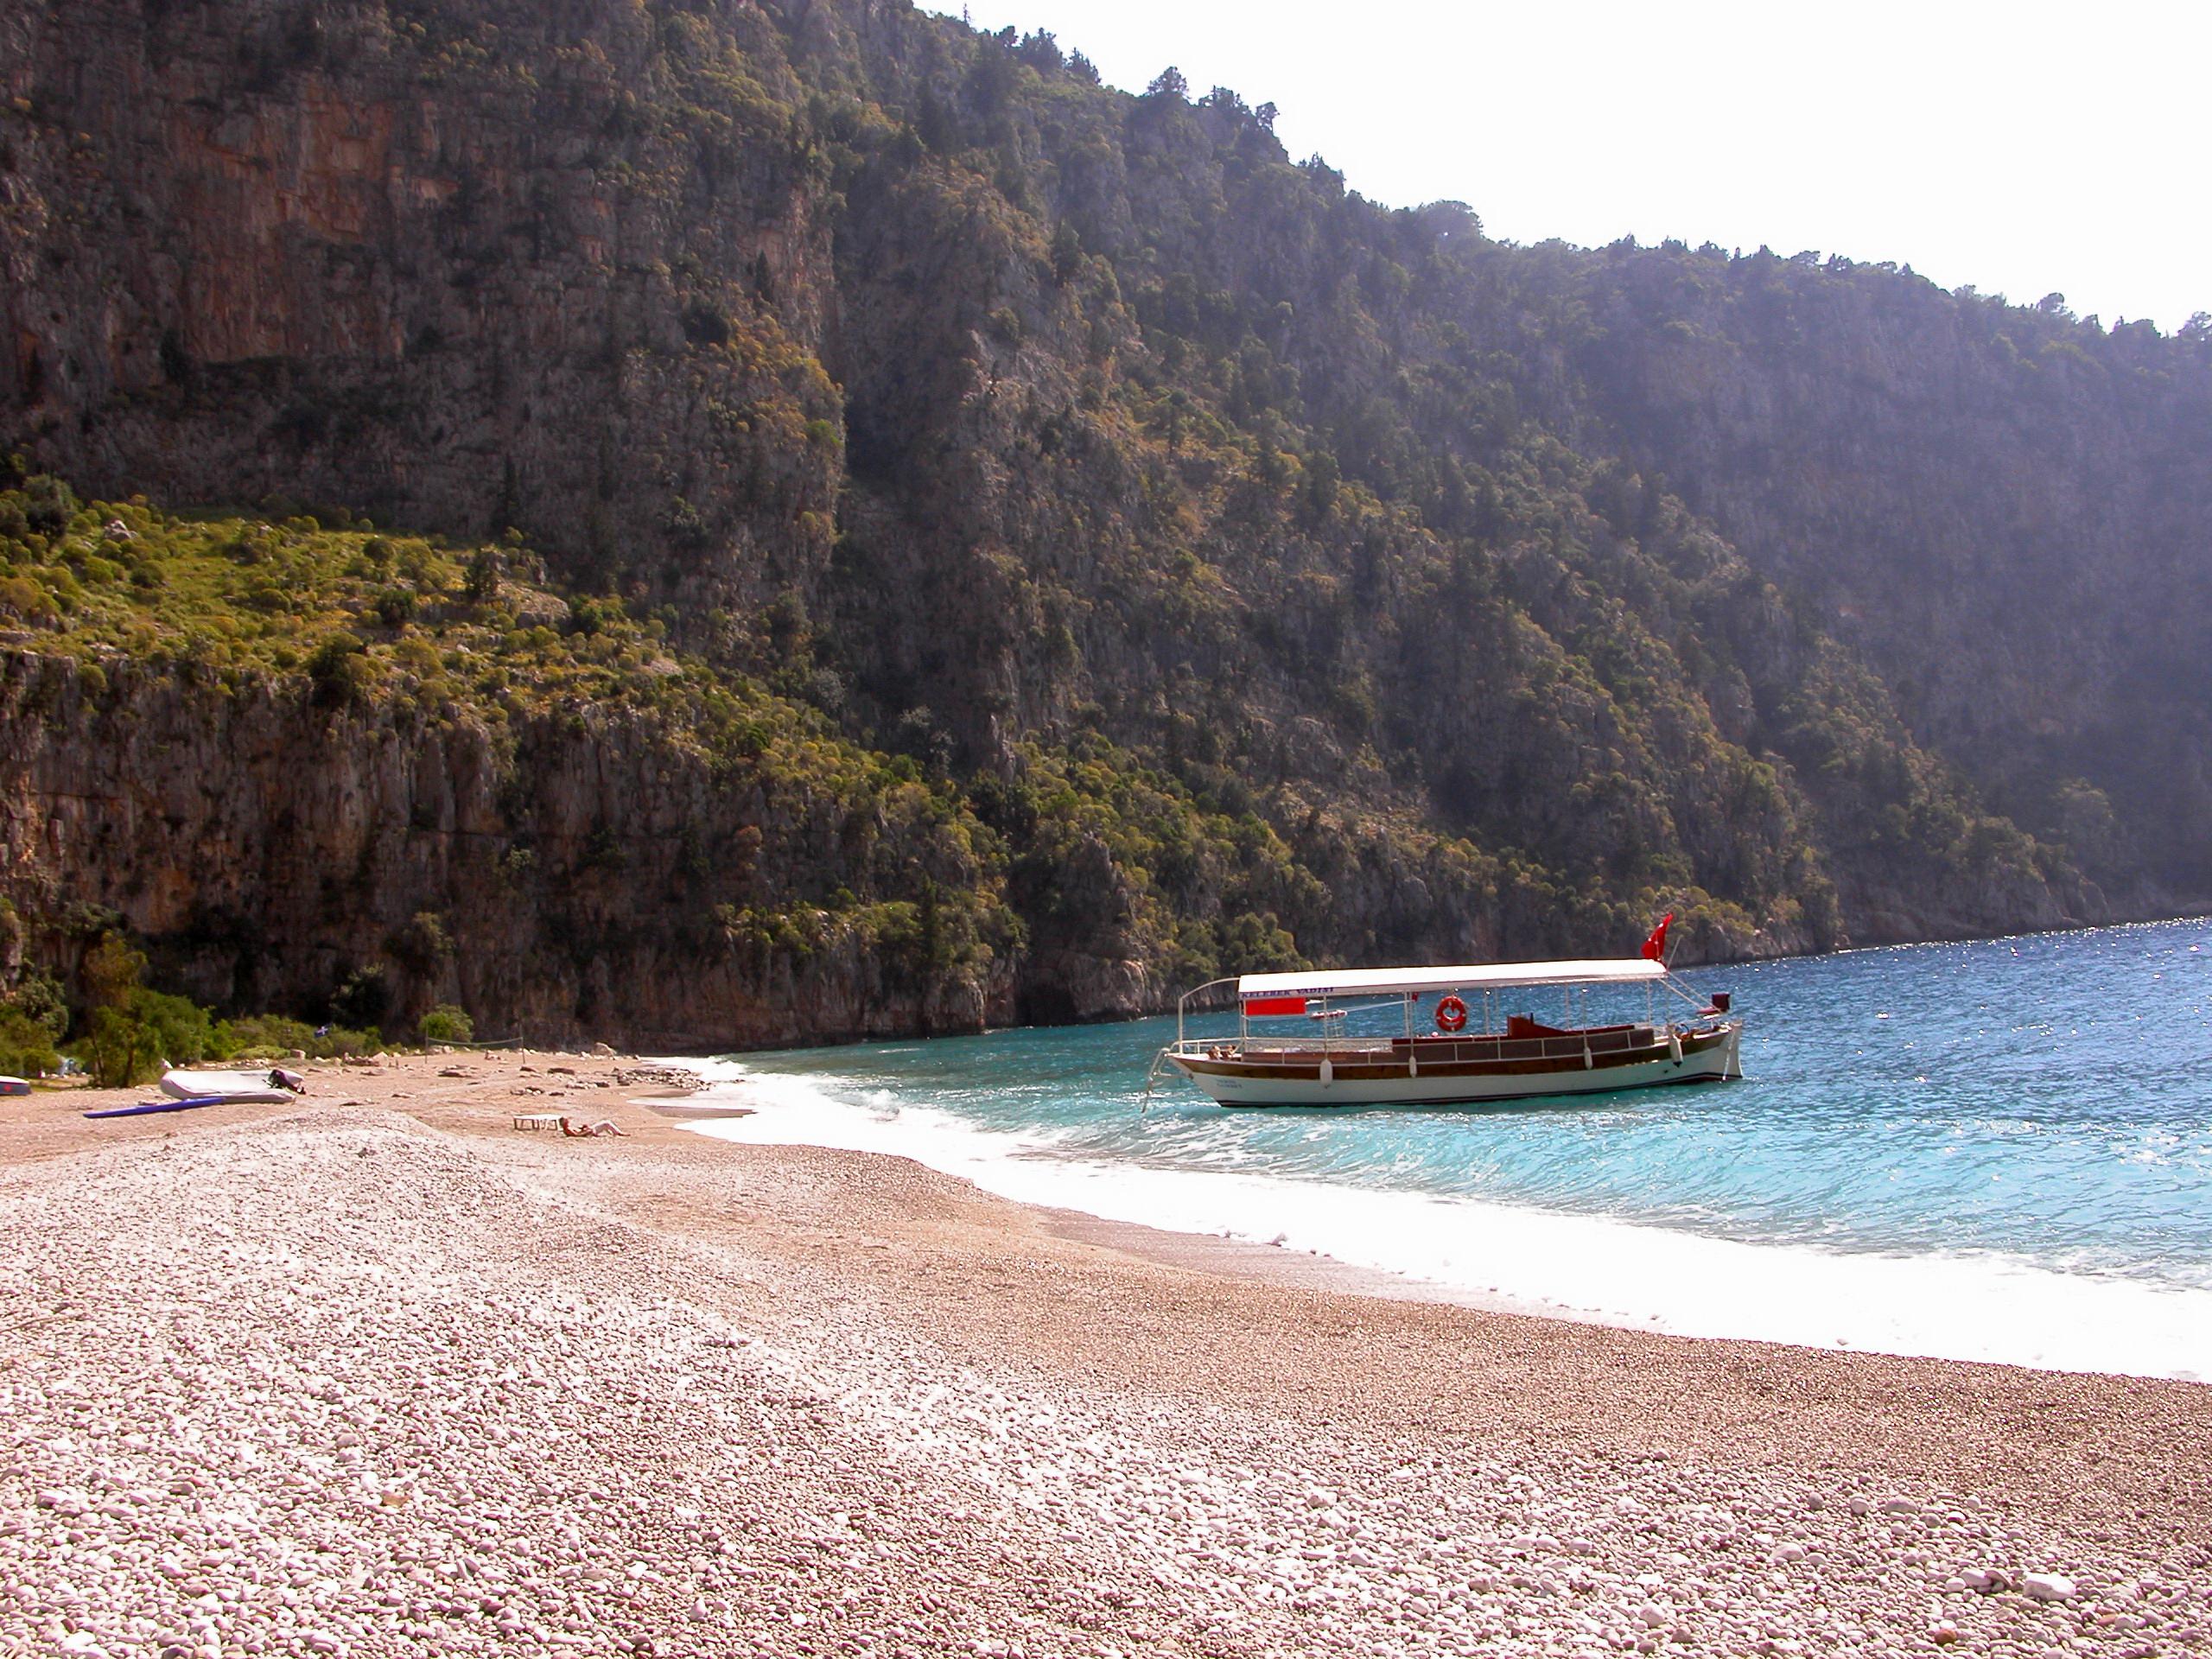 Appartement de vacances Luxuriöse Unterkunft und persönliches Ambiente in unzerstörter Natur. (2124814), Fethiye, , Région Egéenne, Turquie, image 23